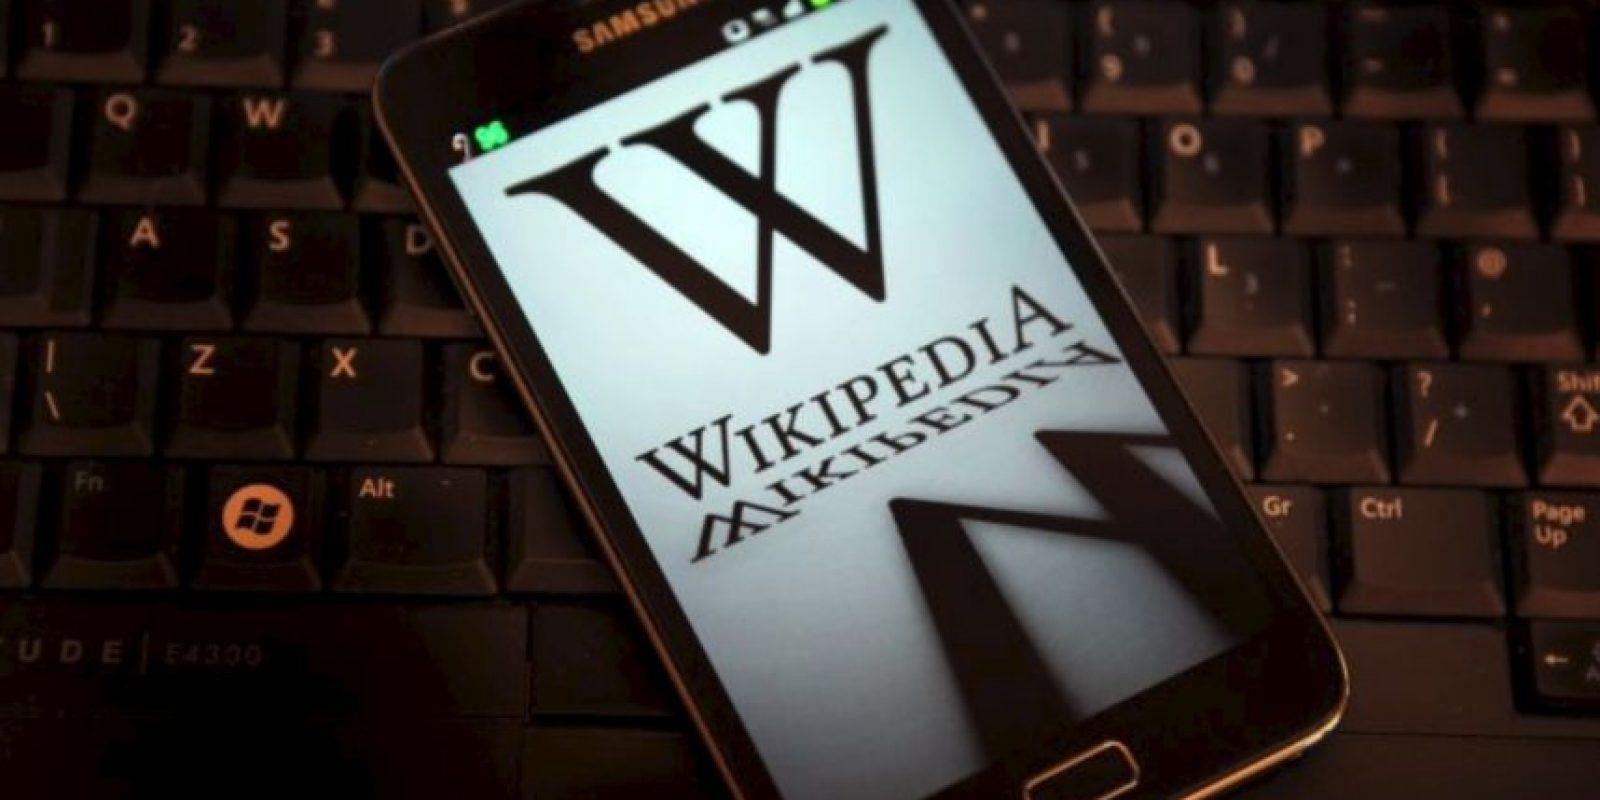 Las donaciones se destinan a tecnología para que Wikipedia funcione correctamente y para pagar salarios de sus 200 empleados. Foto:Wikipedia